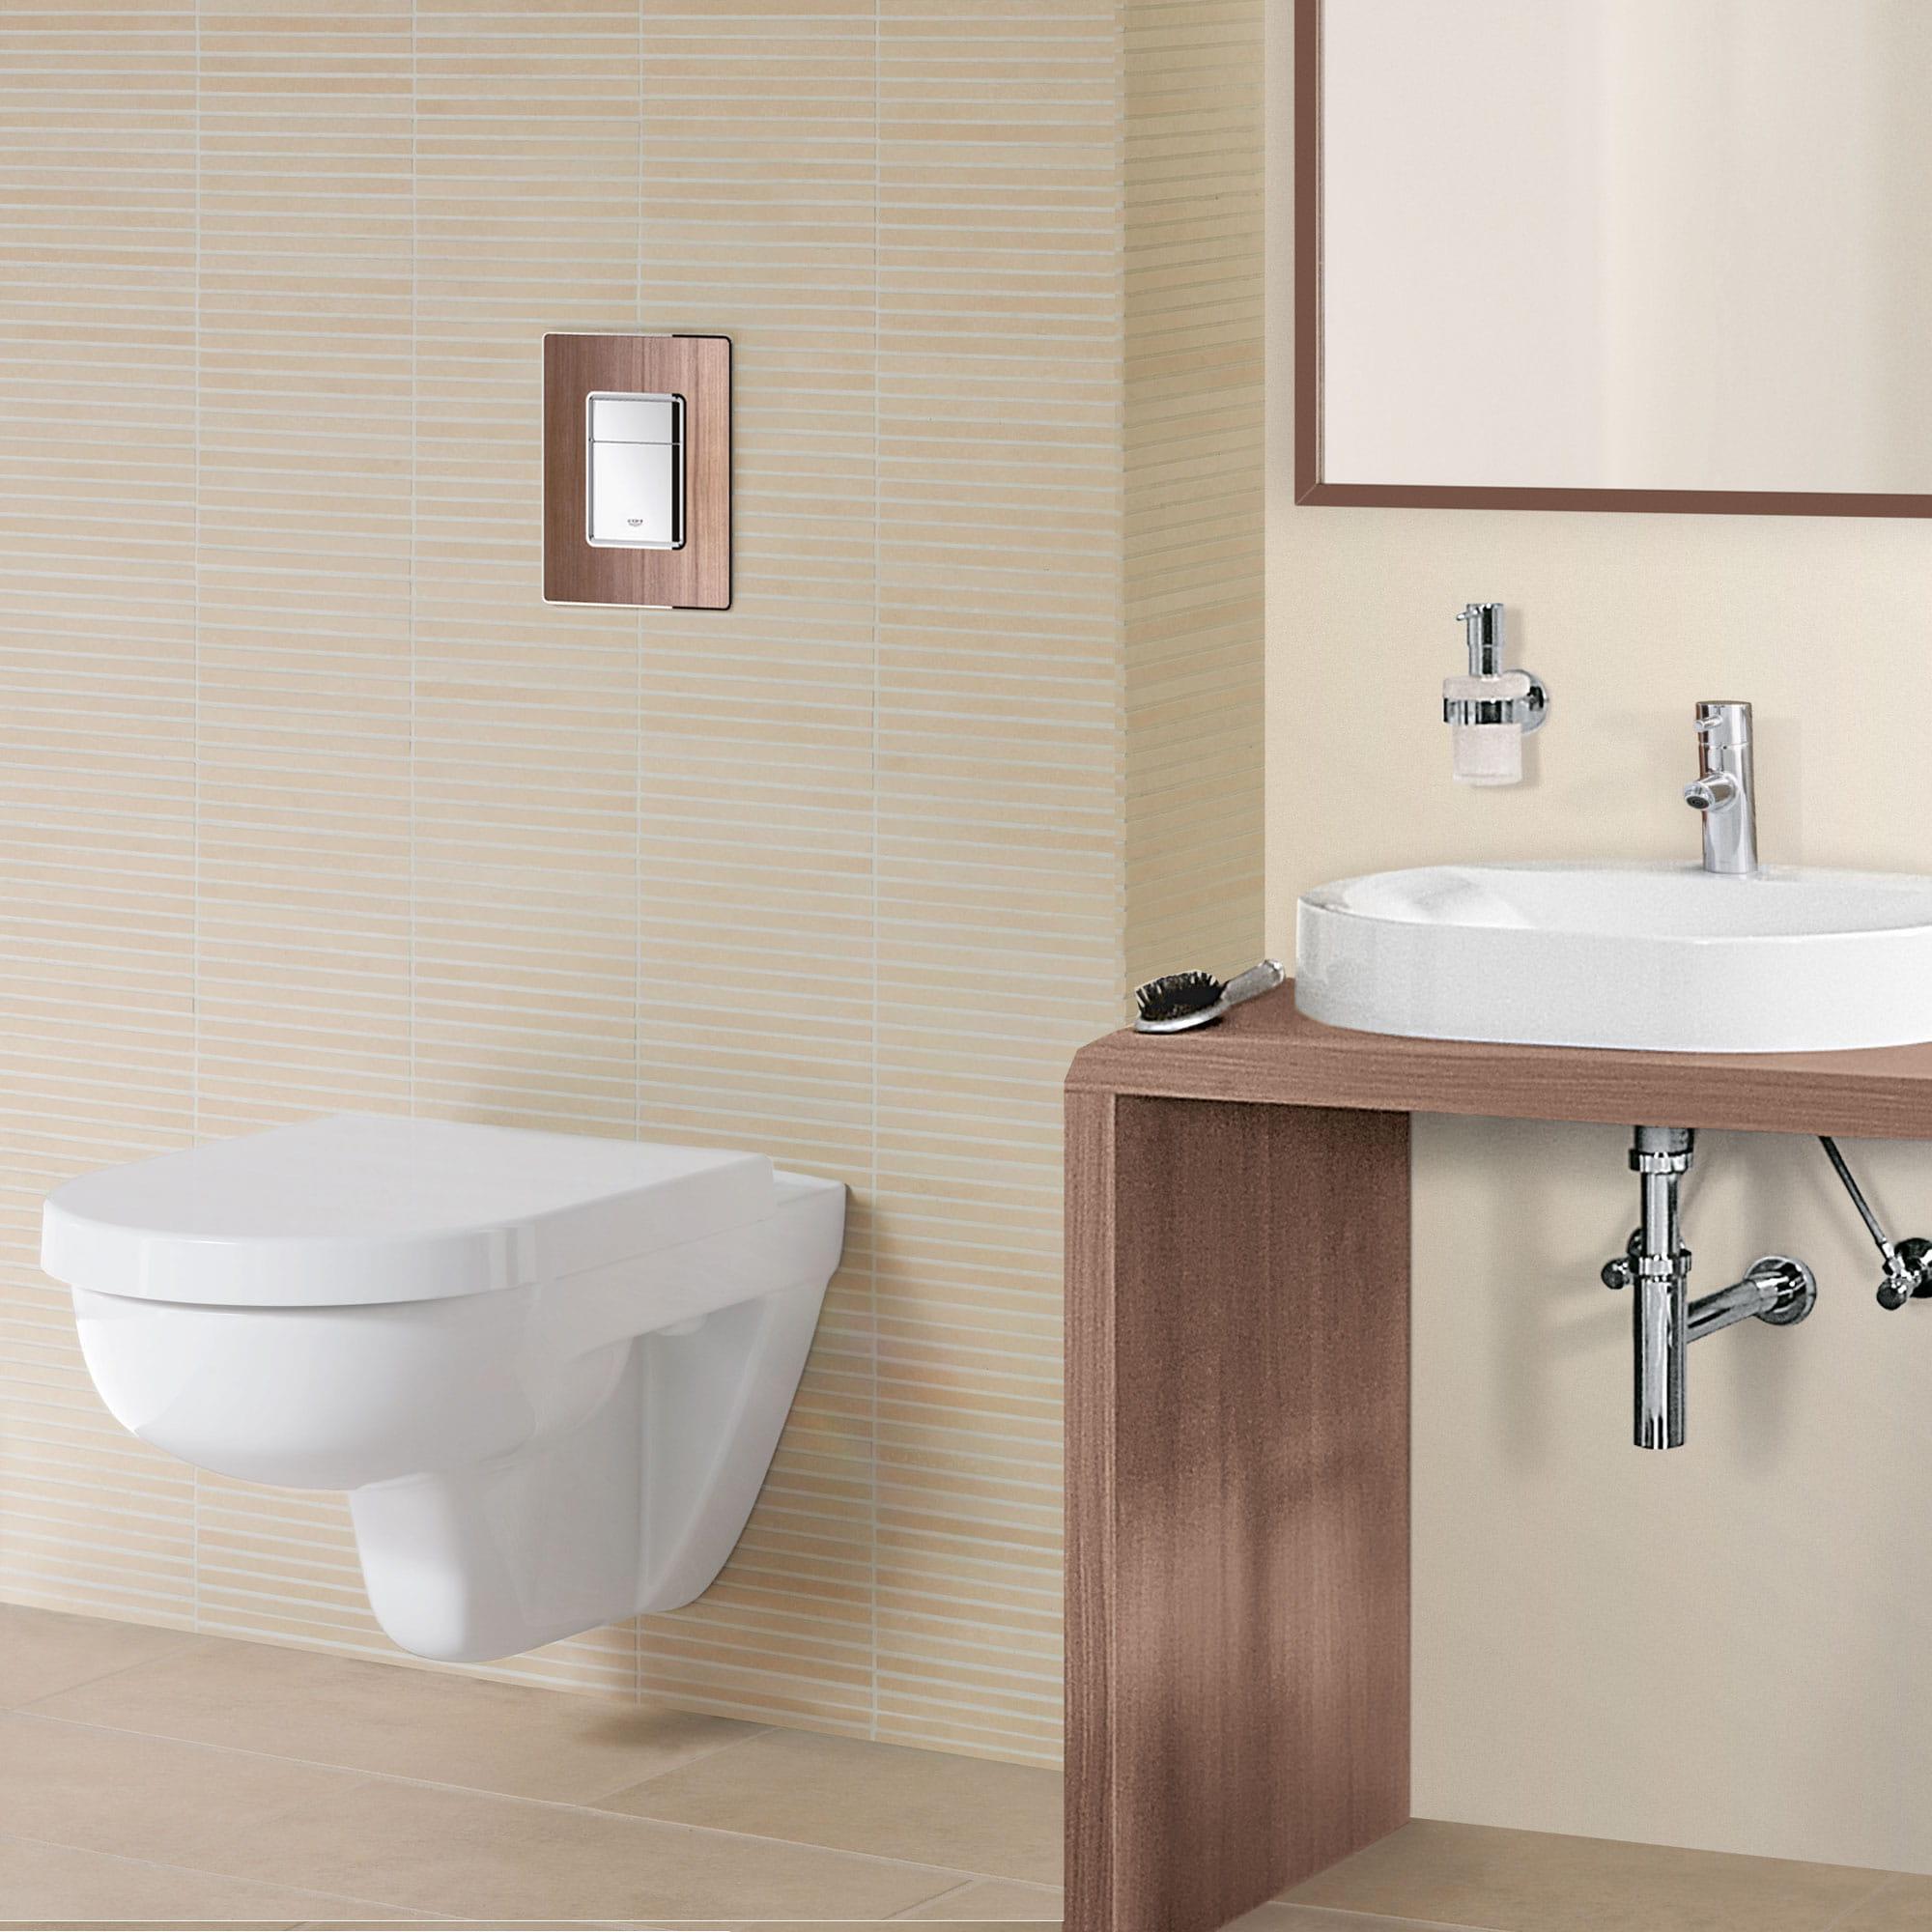 Salle de bain avec plaque blanche et lavabo.